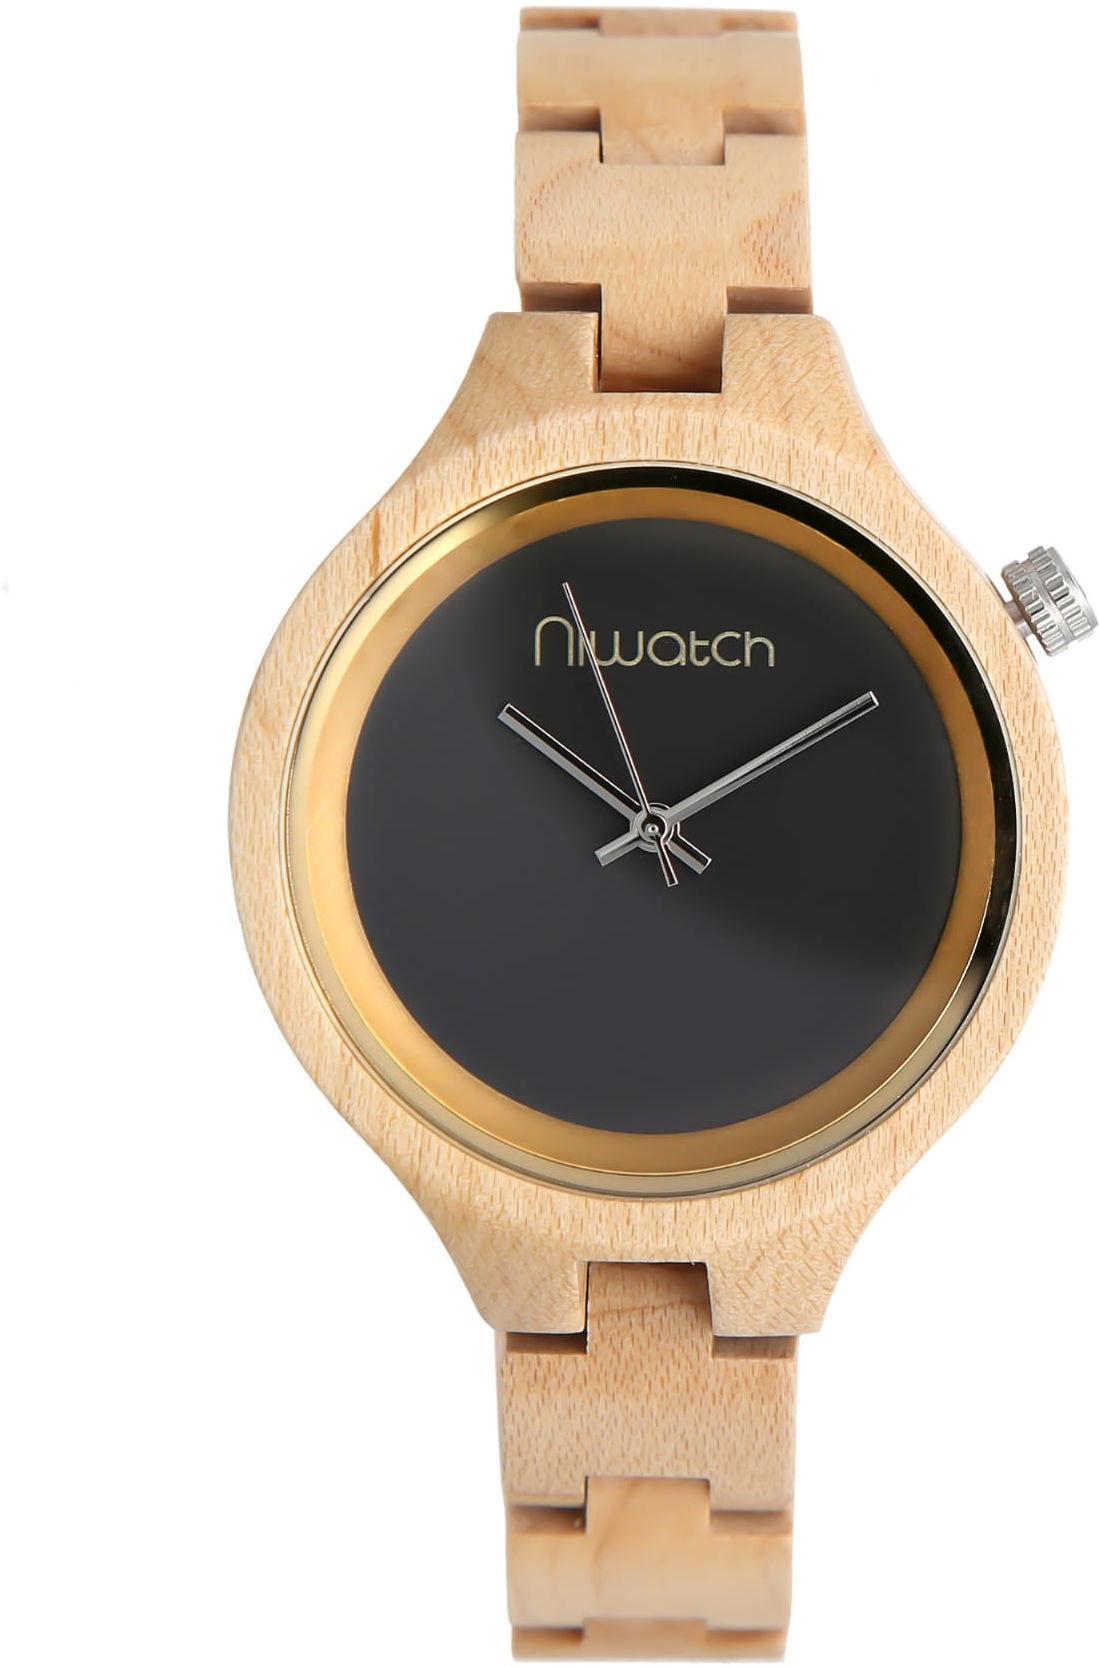 Damski zegarek drewniany Niwatch - kolekcja ELEGANCE - KLON